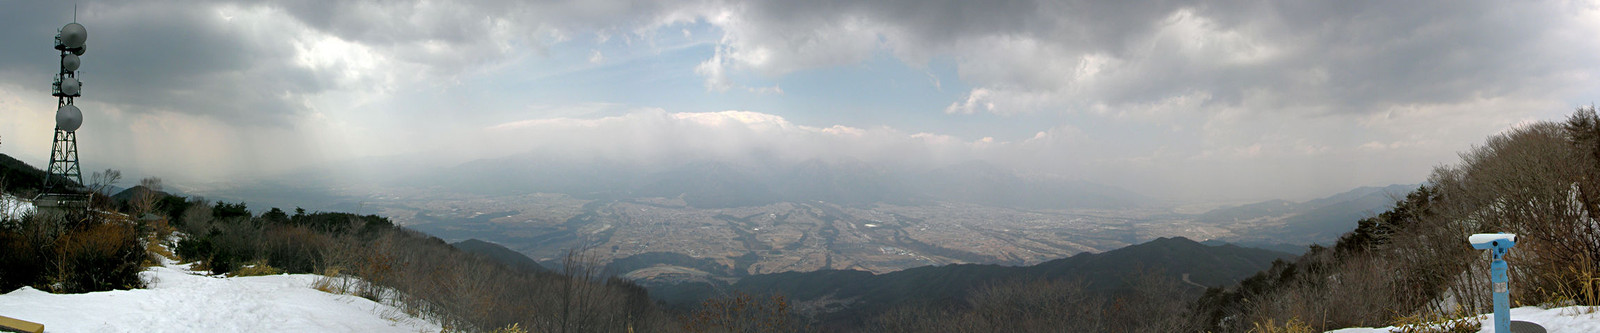 2014年3月16日「陣馬形山山頂から伊那谷を望む」